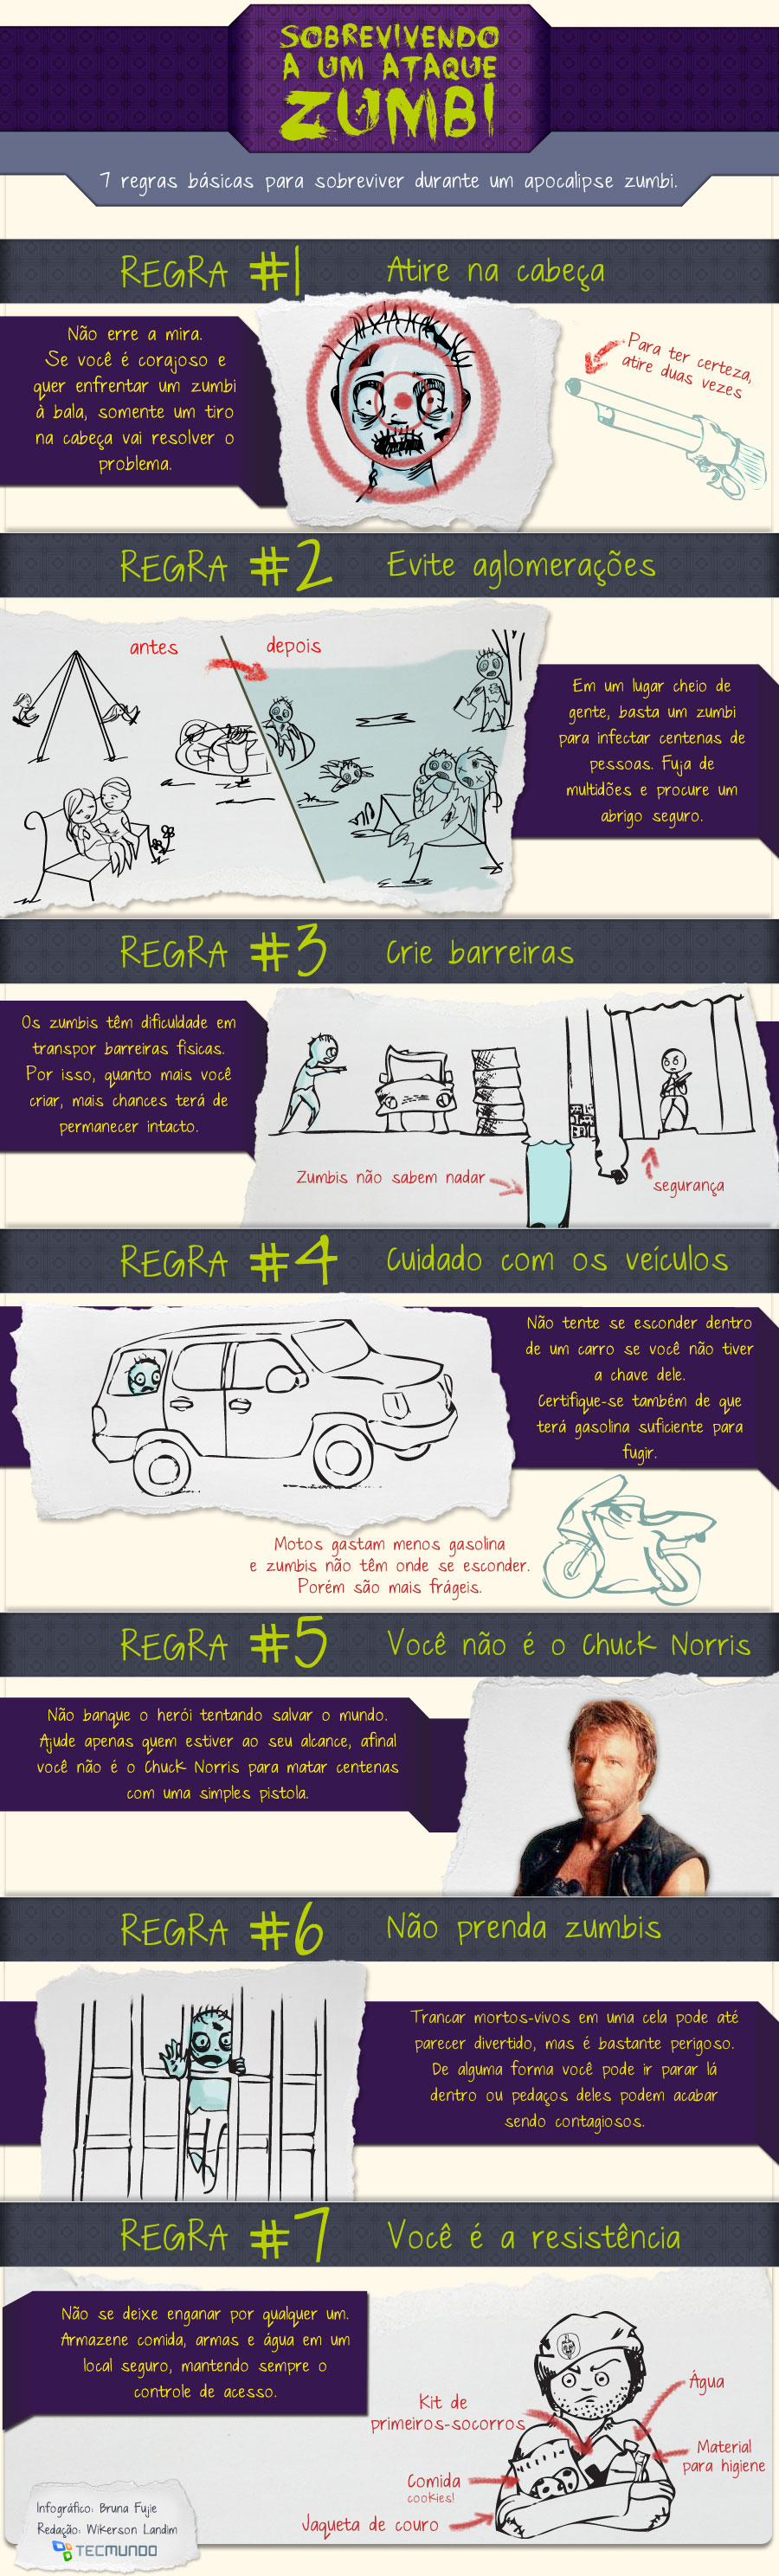 Como sobreviver a um ataque zumbi [infográfico]